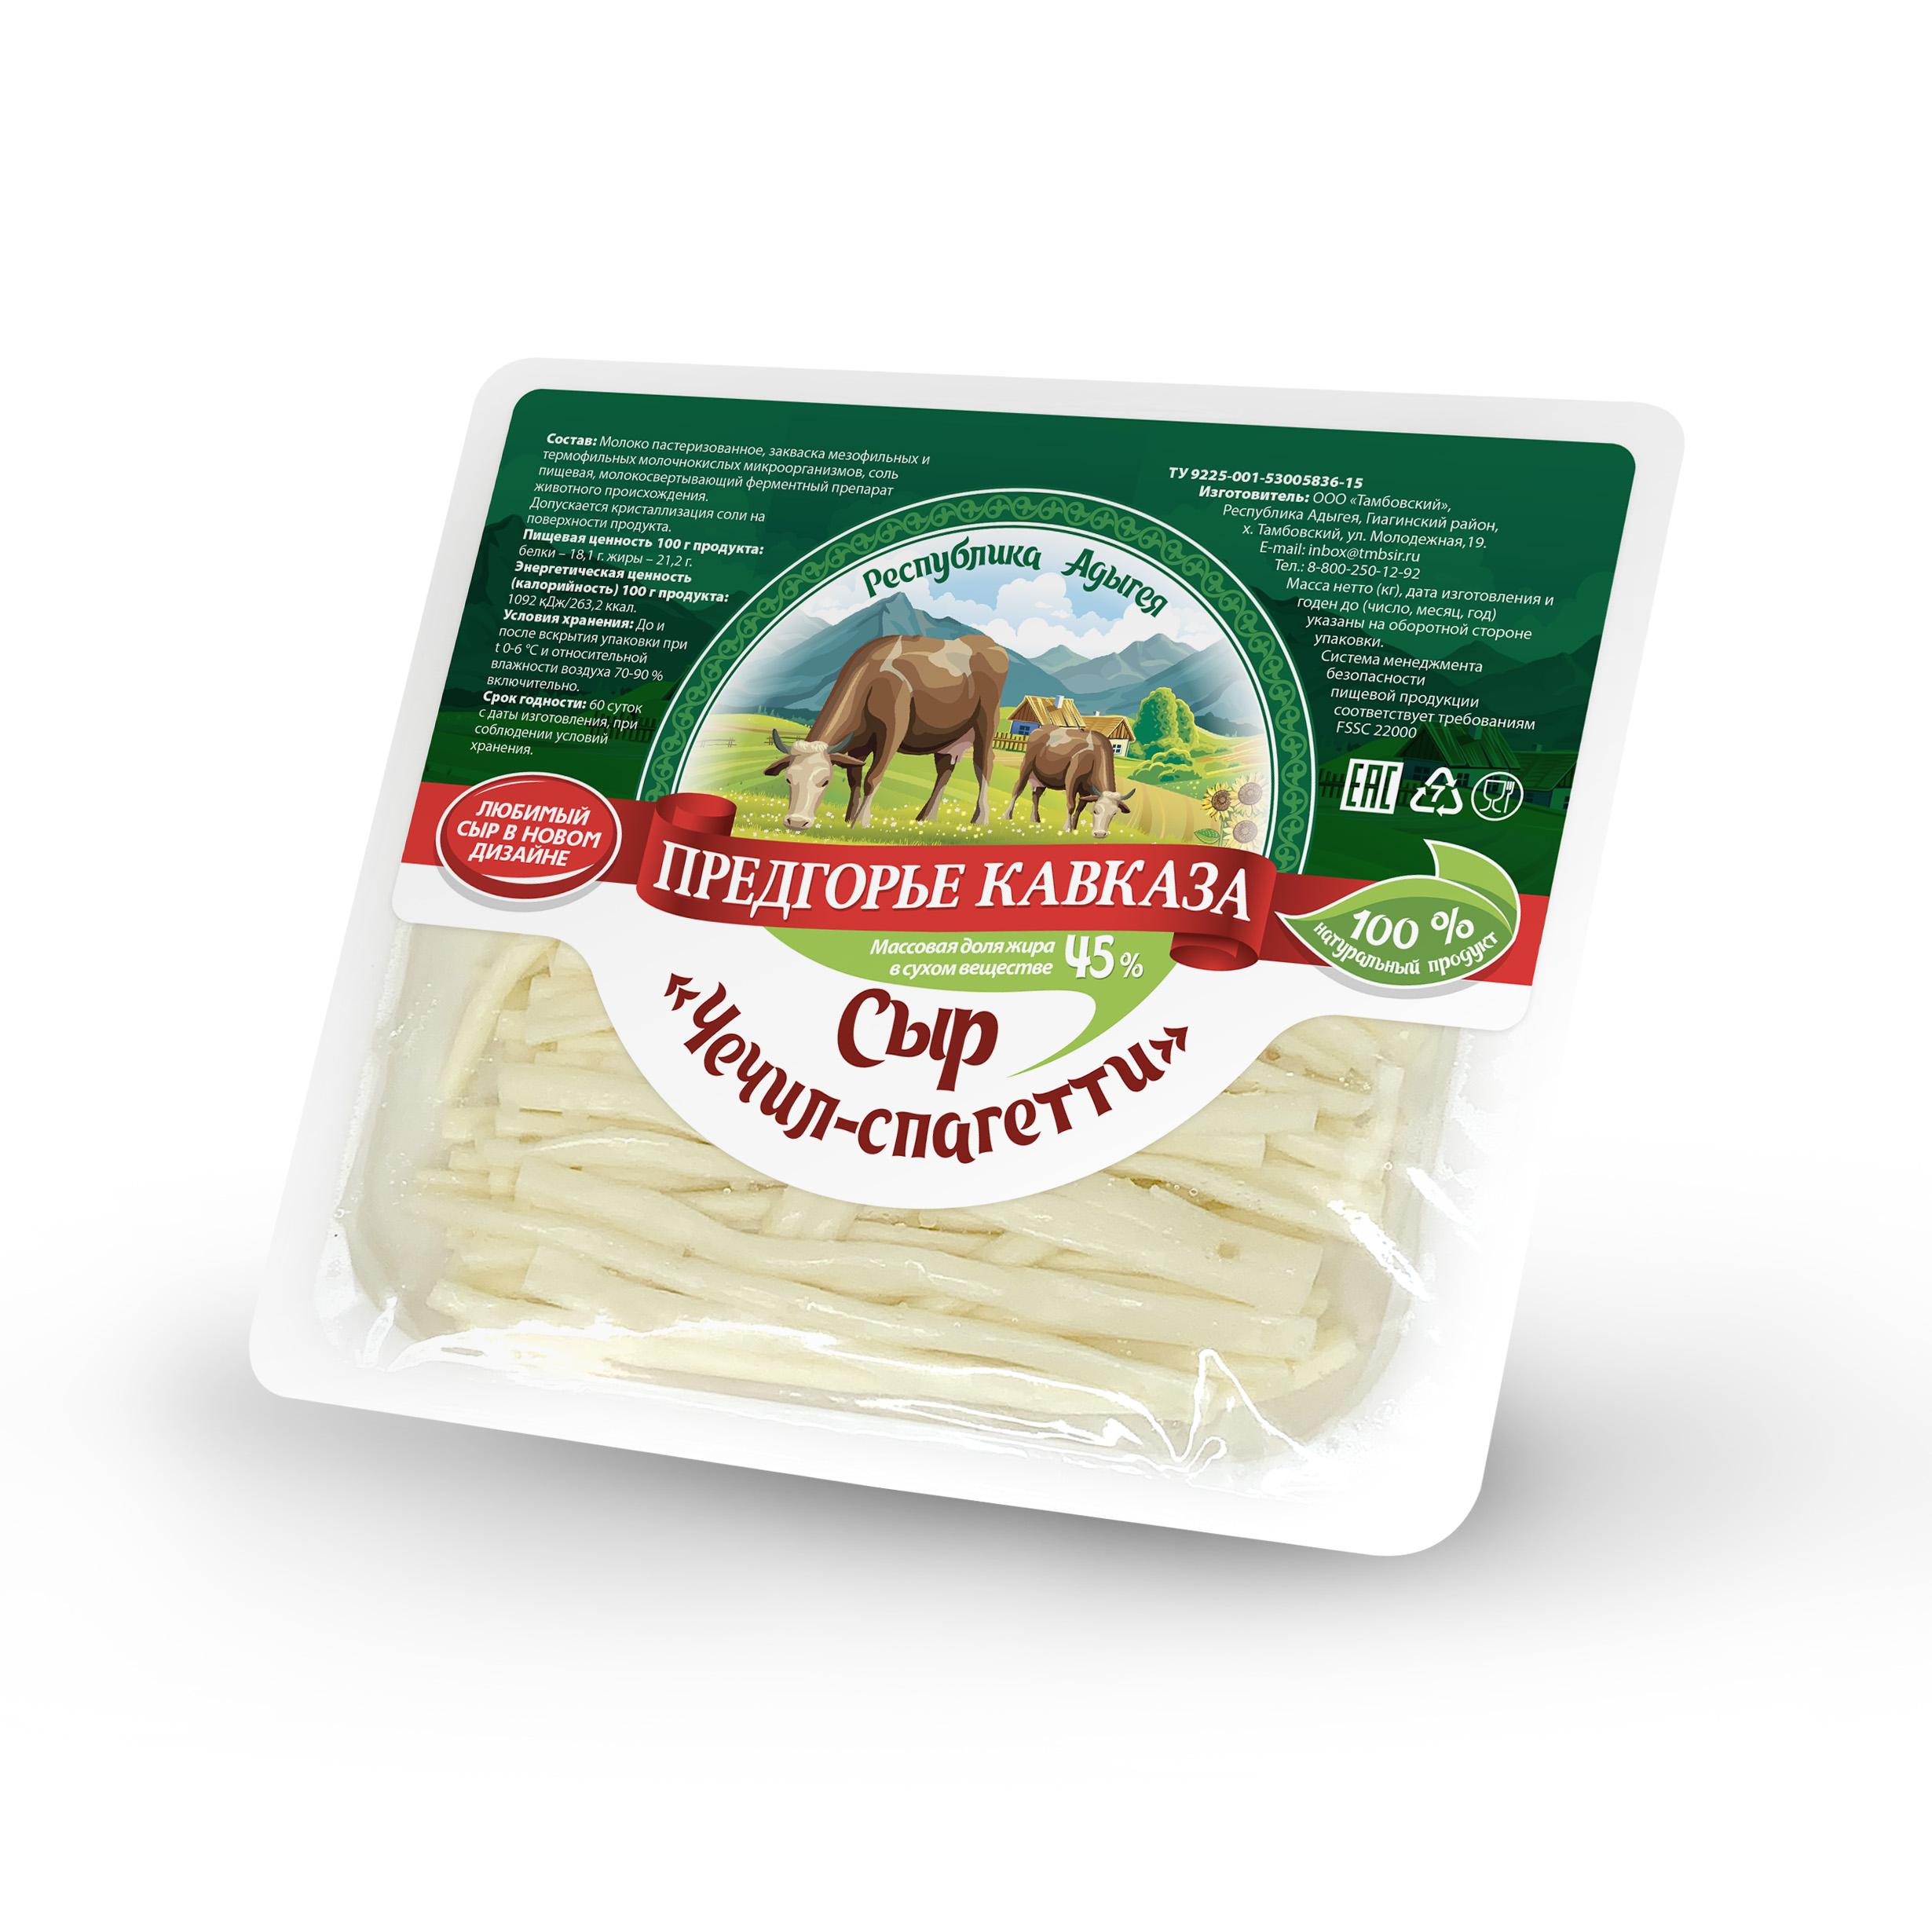 Предгорье кавказа Сыр Чечил-спагетти 45% Предгорье Кавказа сыр рассольный красногвардейские чечил спагетти 40% 120 г